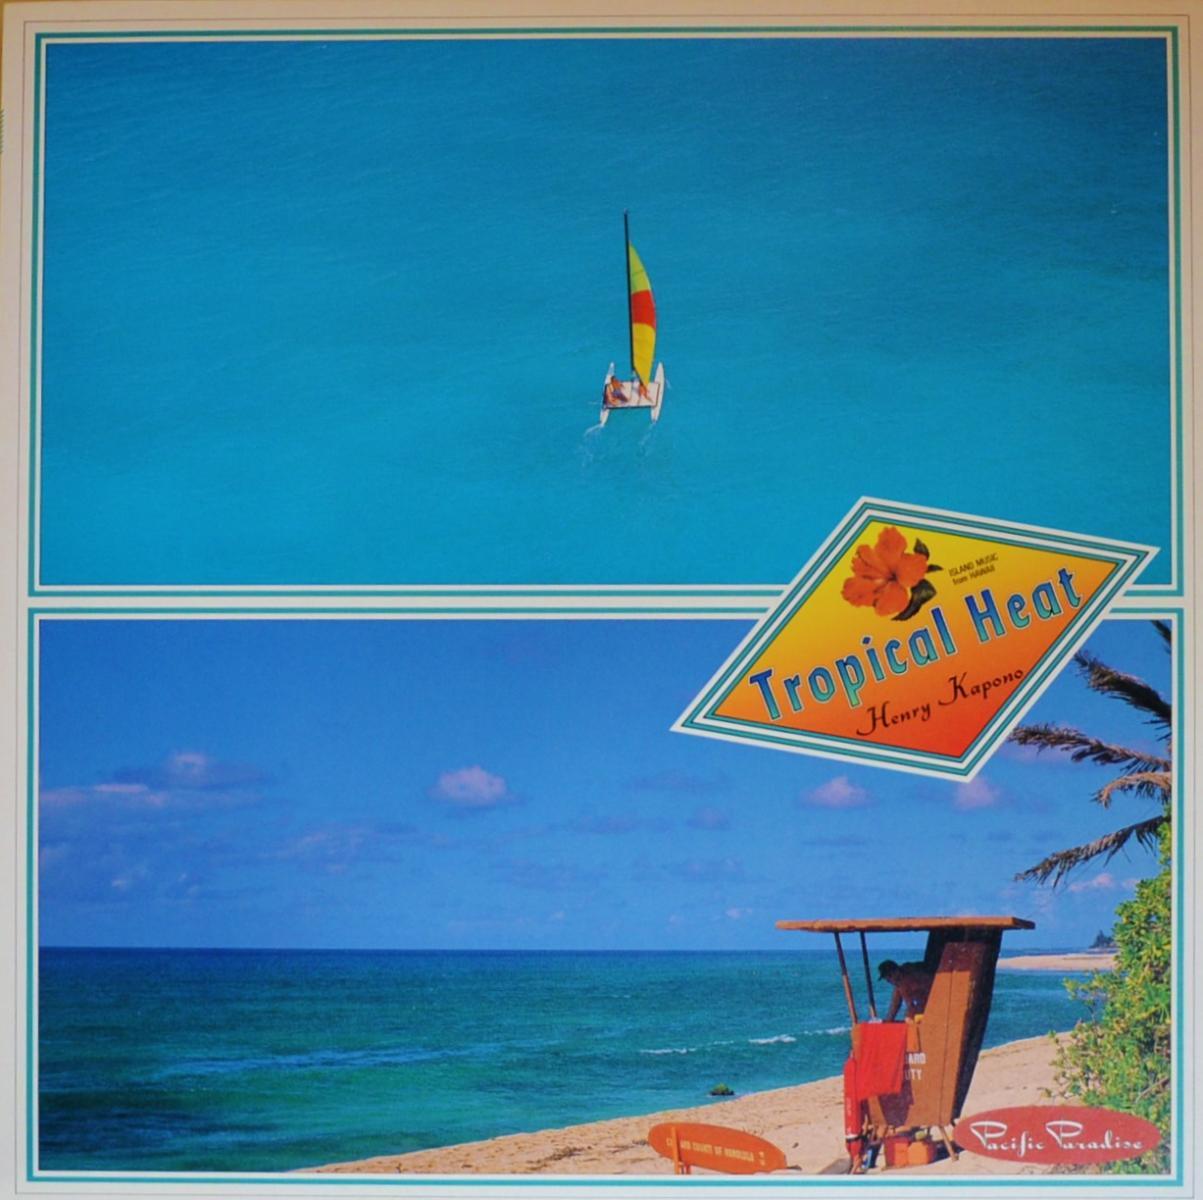 ヘンリー・カポノ HENRY KAPONO AND TROPICAL HEAT / トロピカル・ヒート TROPICAL HEAT (LP)